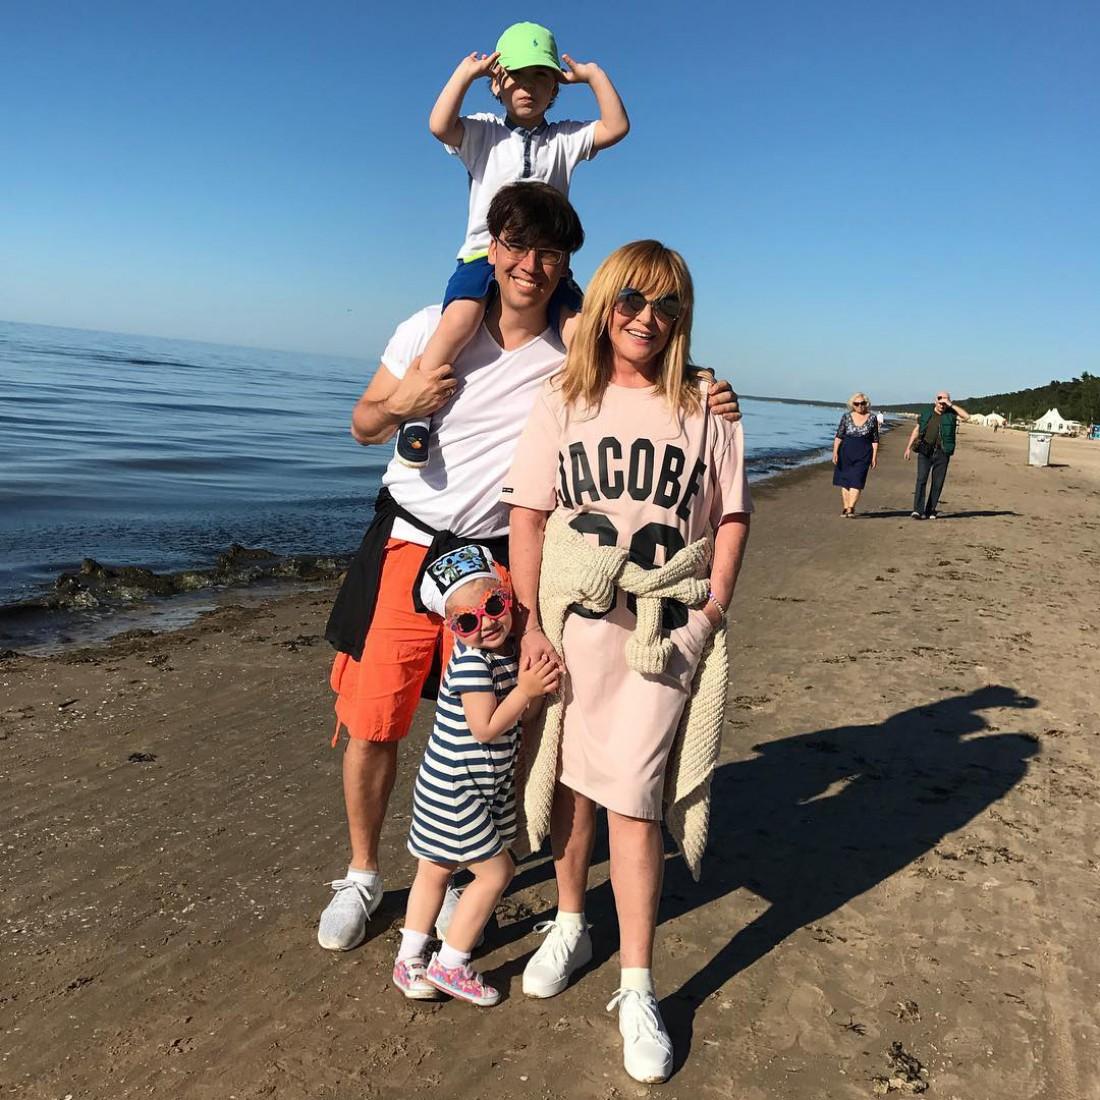 Максим Галкин, Алла Пугачева и их дети